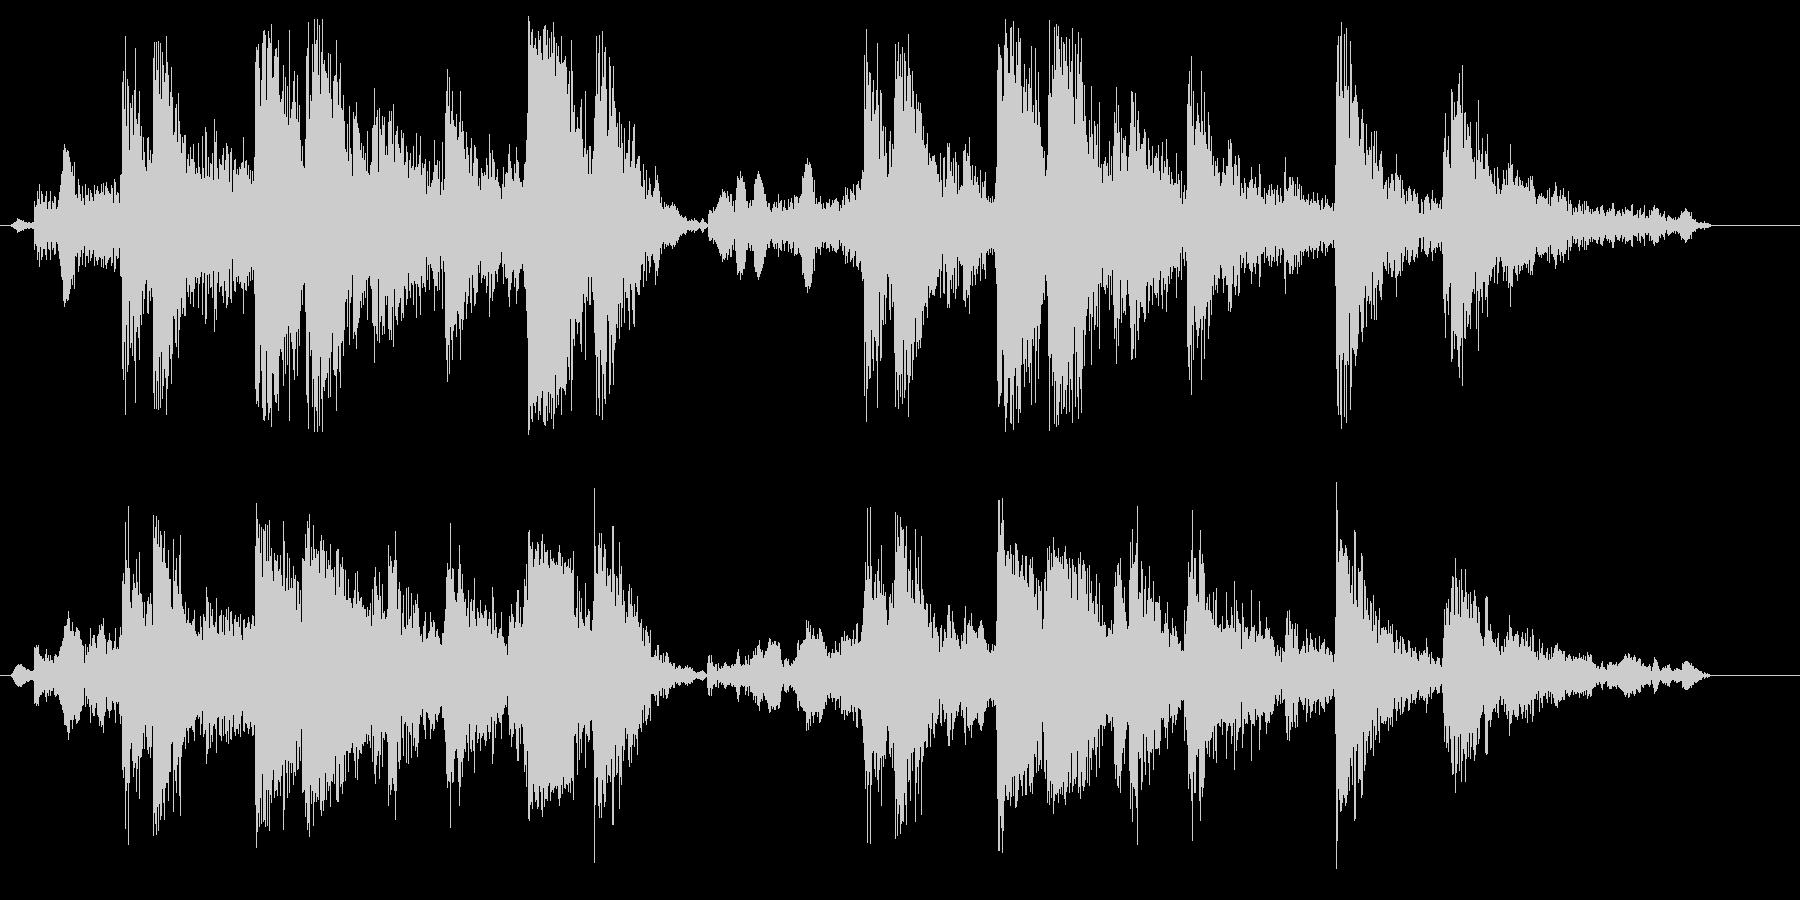 ガチャガチャ(機械が動く音)の未再生の波形